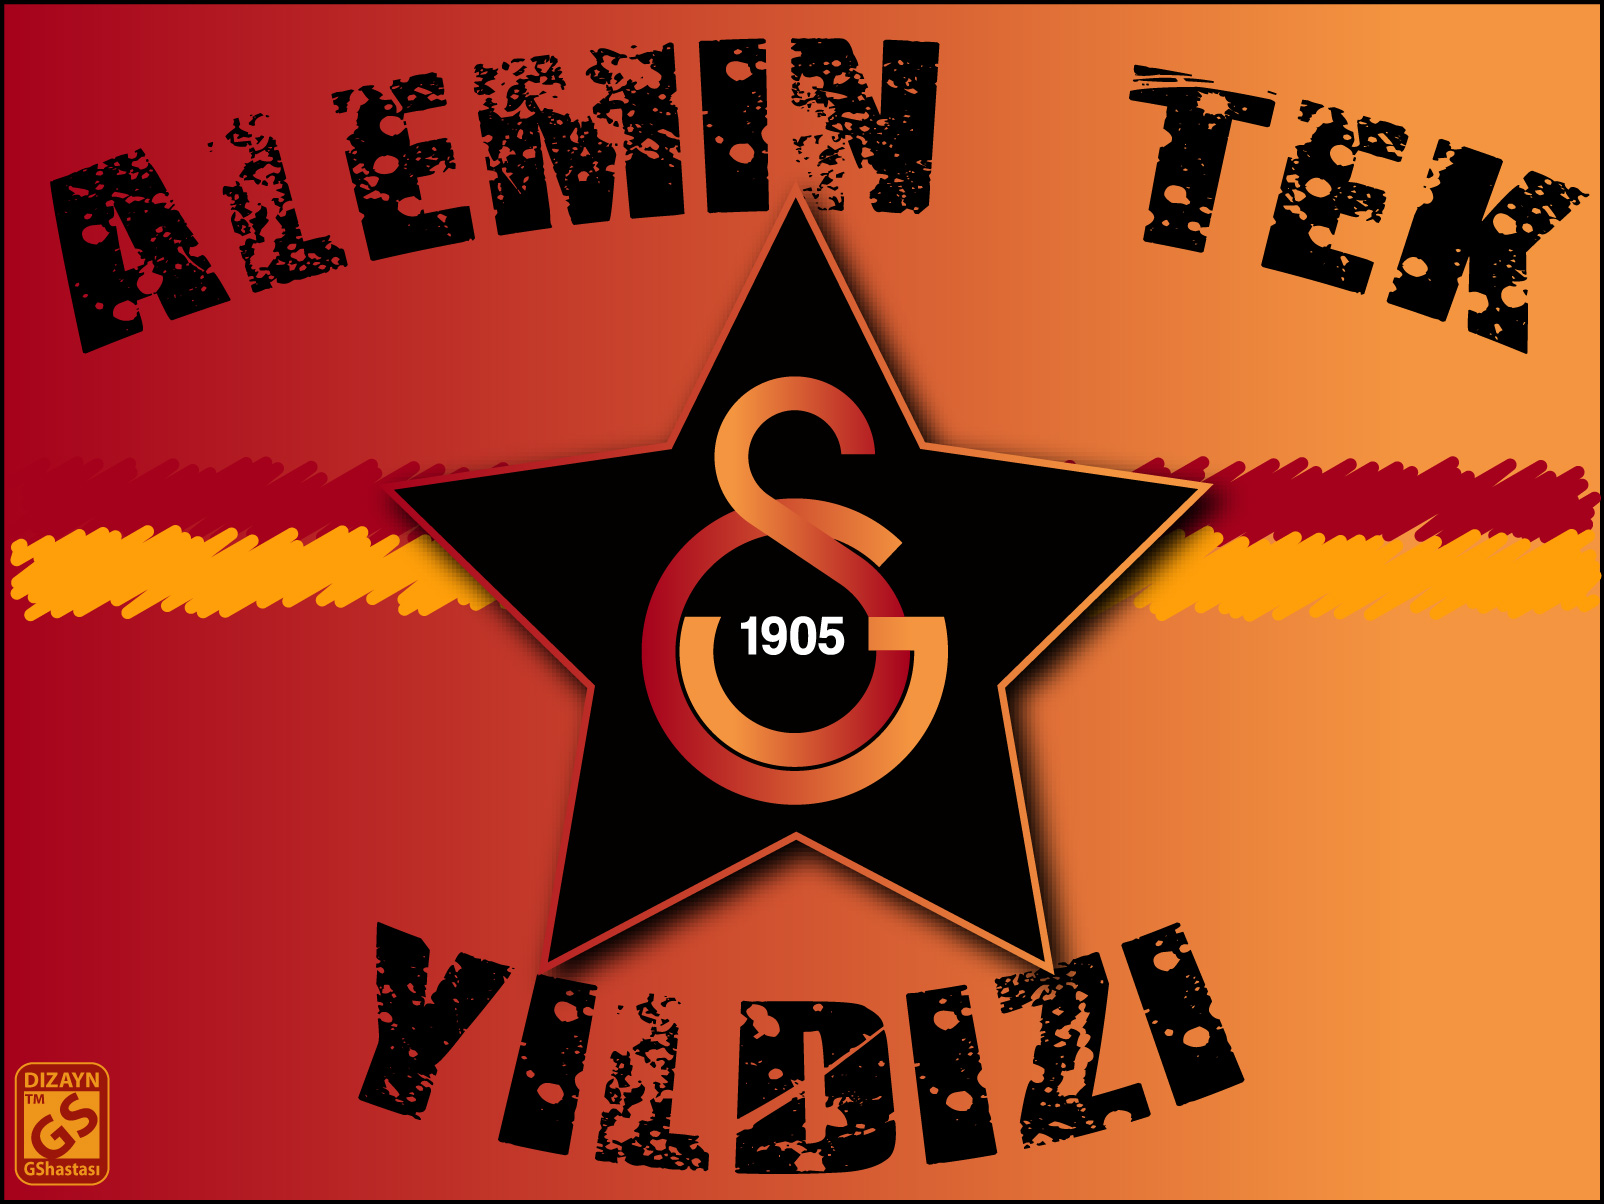 Komik Fipixde Galatasaray Duvar Kağıdı Spor Arka Plan Resimleri